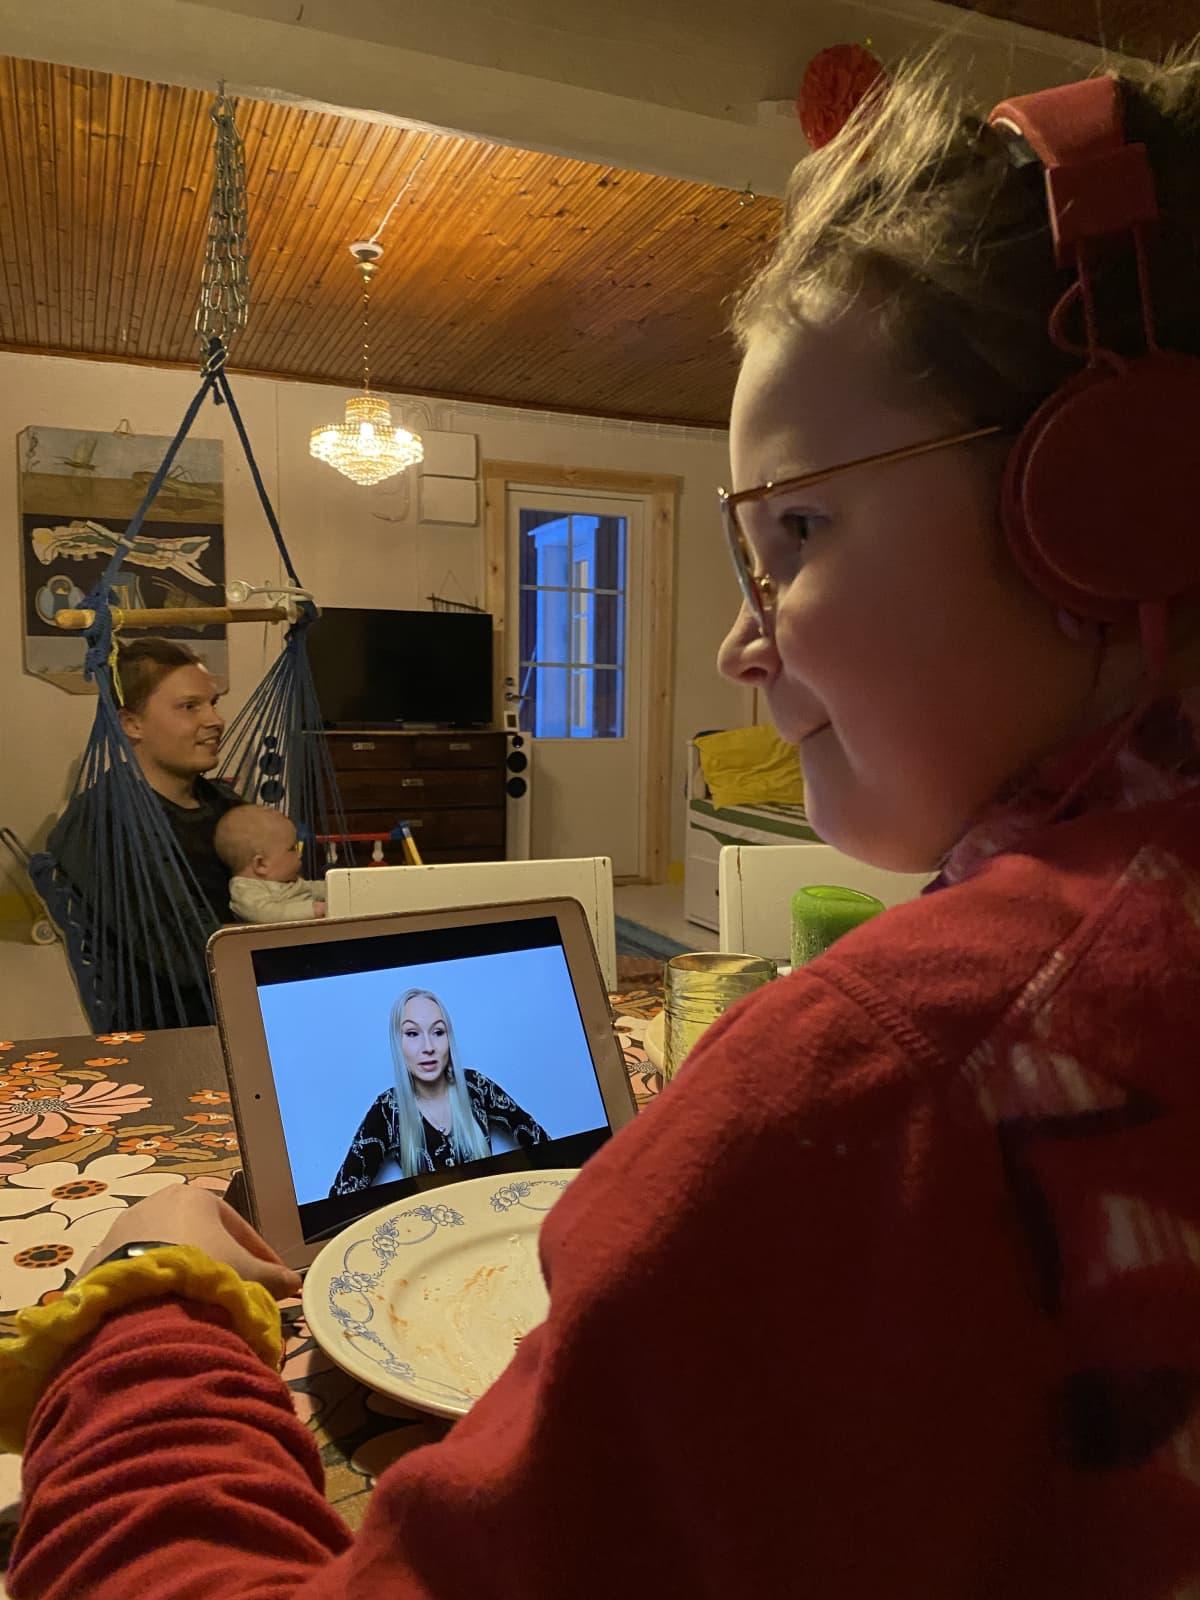 Milli katsoo tabletilta tubettajaa. Takana näkyvät isä-Antti ja Aatos-vauva.